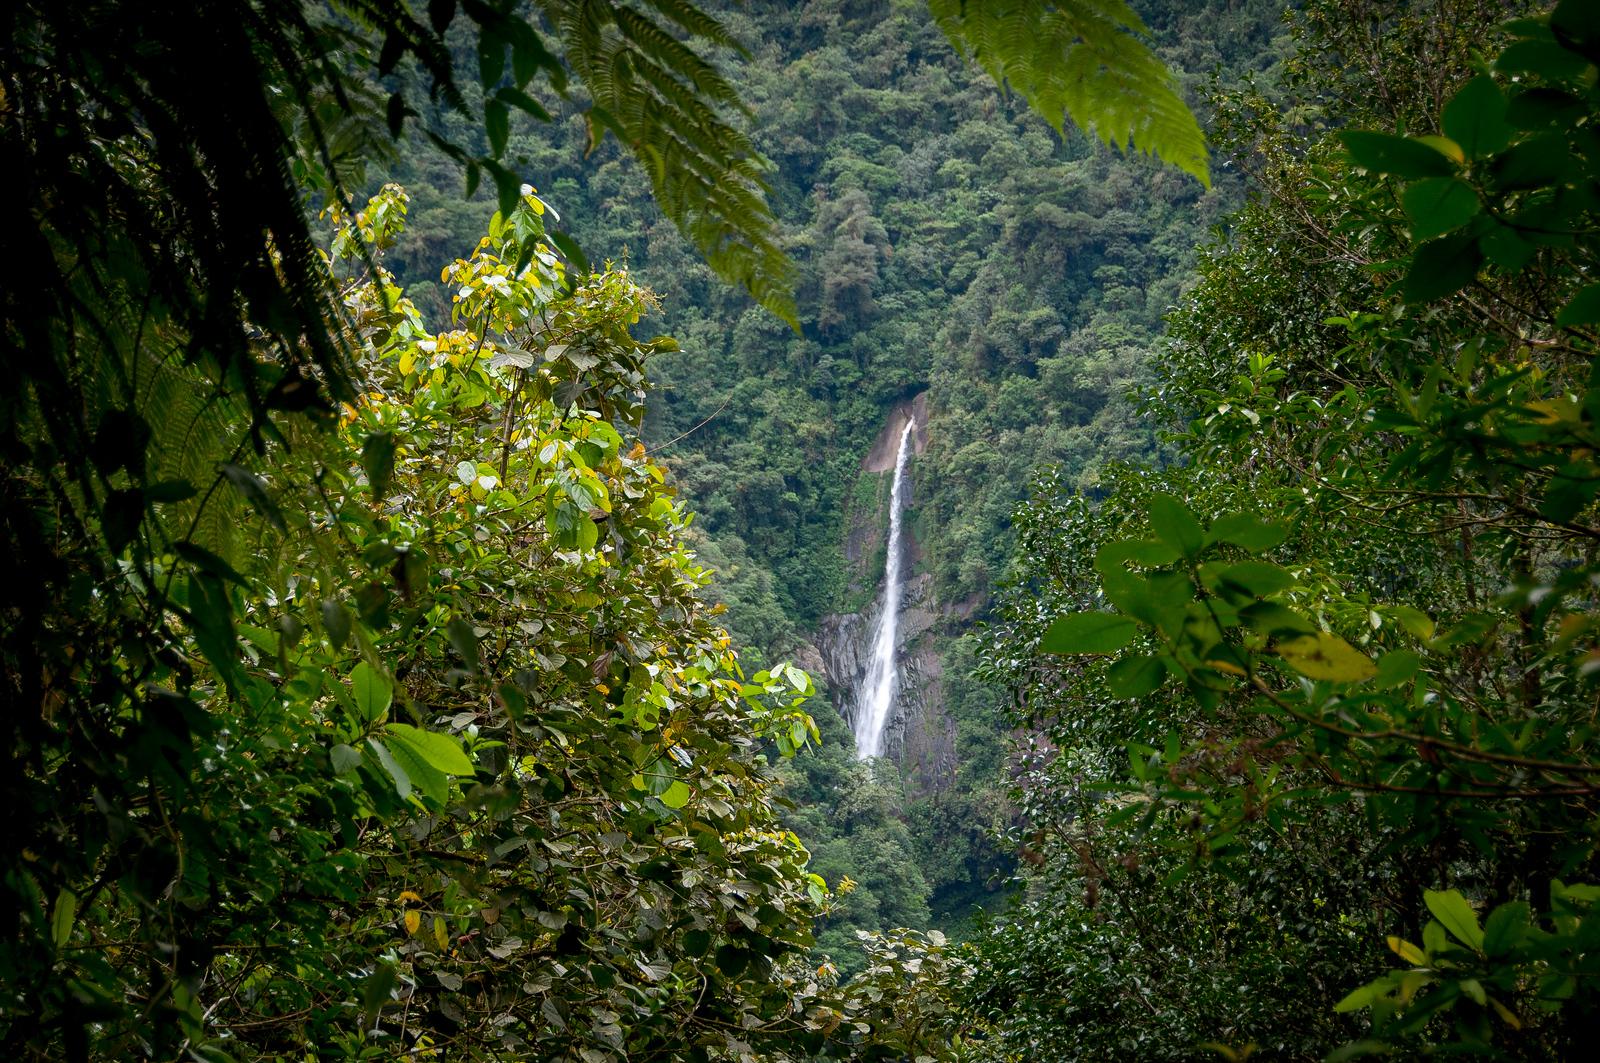 Talamanca Range-La Amistad Reserves / La Amistad National Park